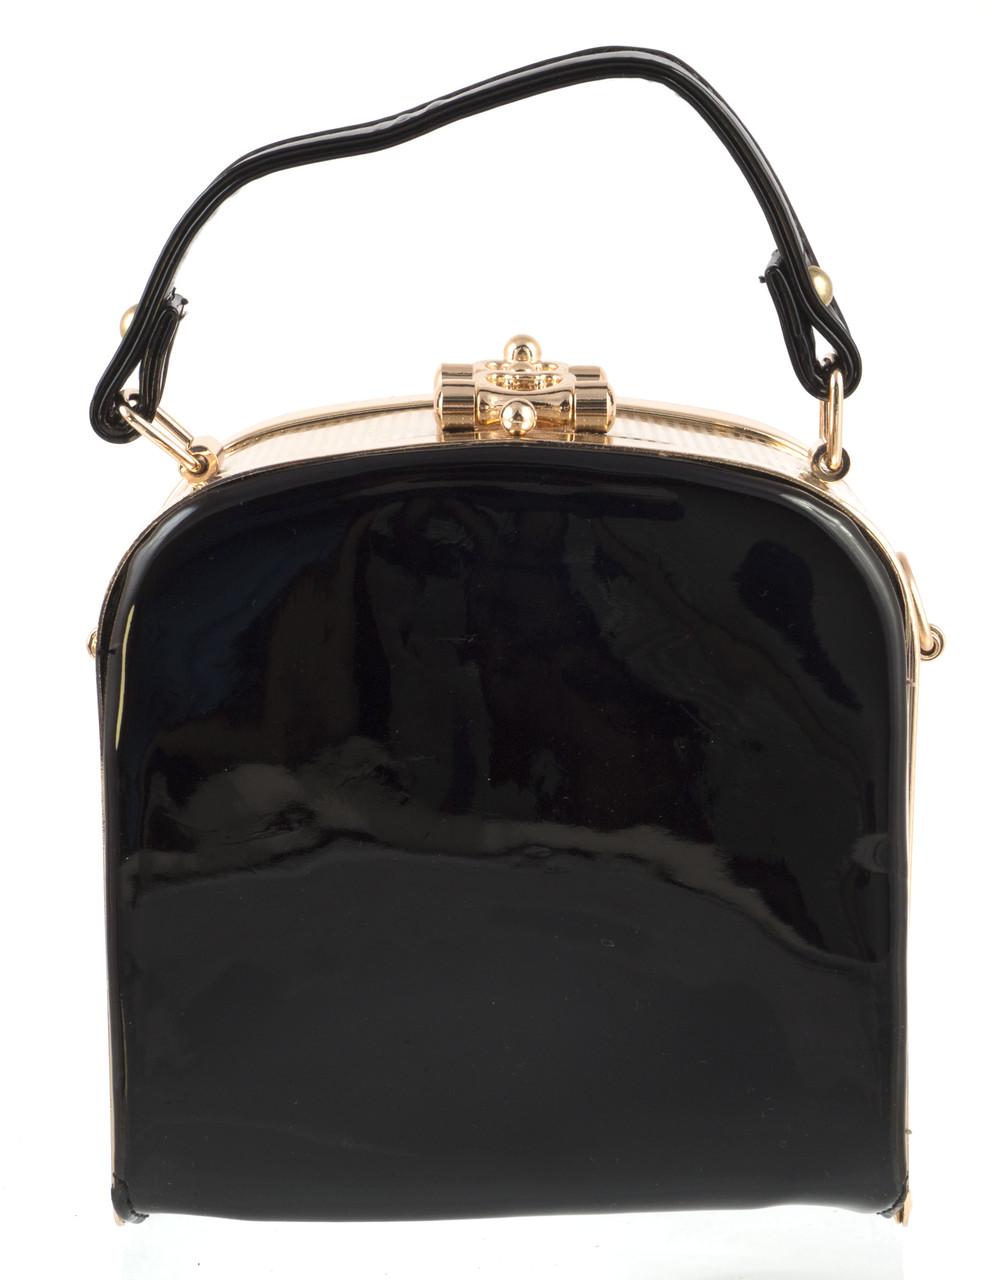 Стильная небольшой женский лаковый клатч сумка с золотыми вставками SULIYA art. 9251 черный